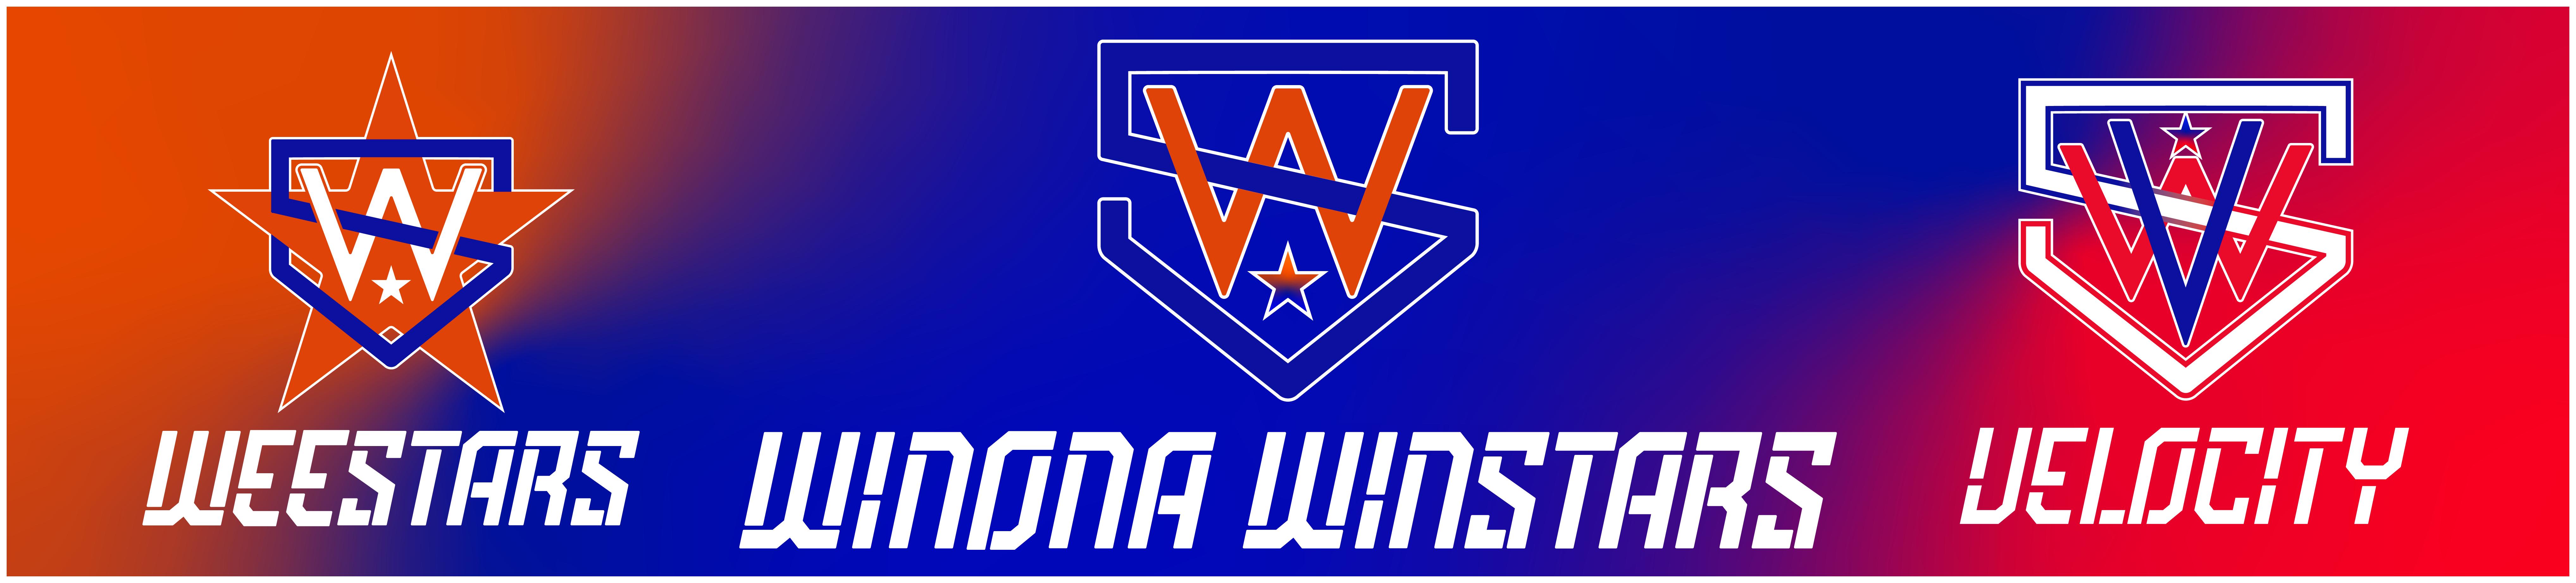 Winstars banner  002